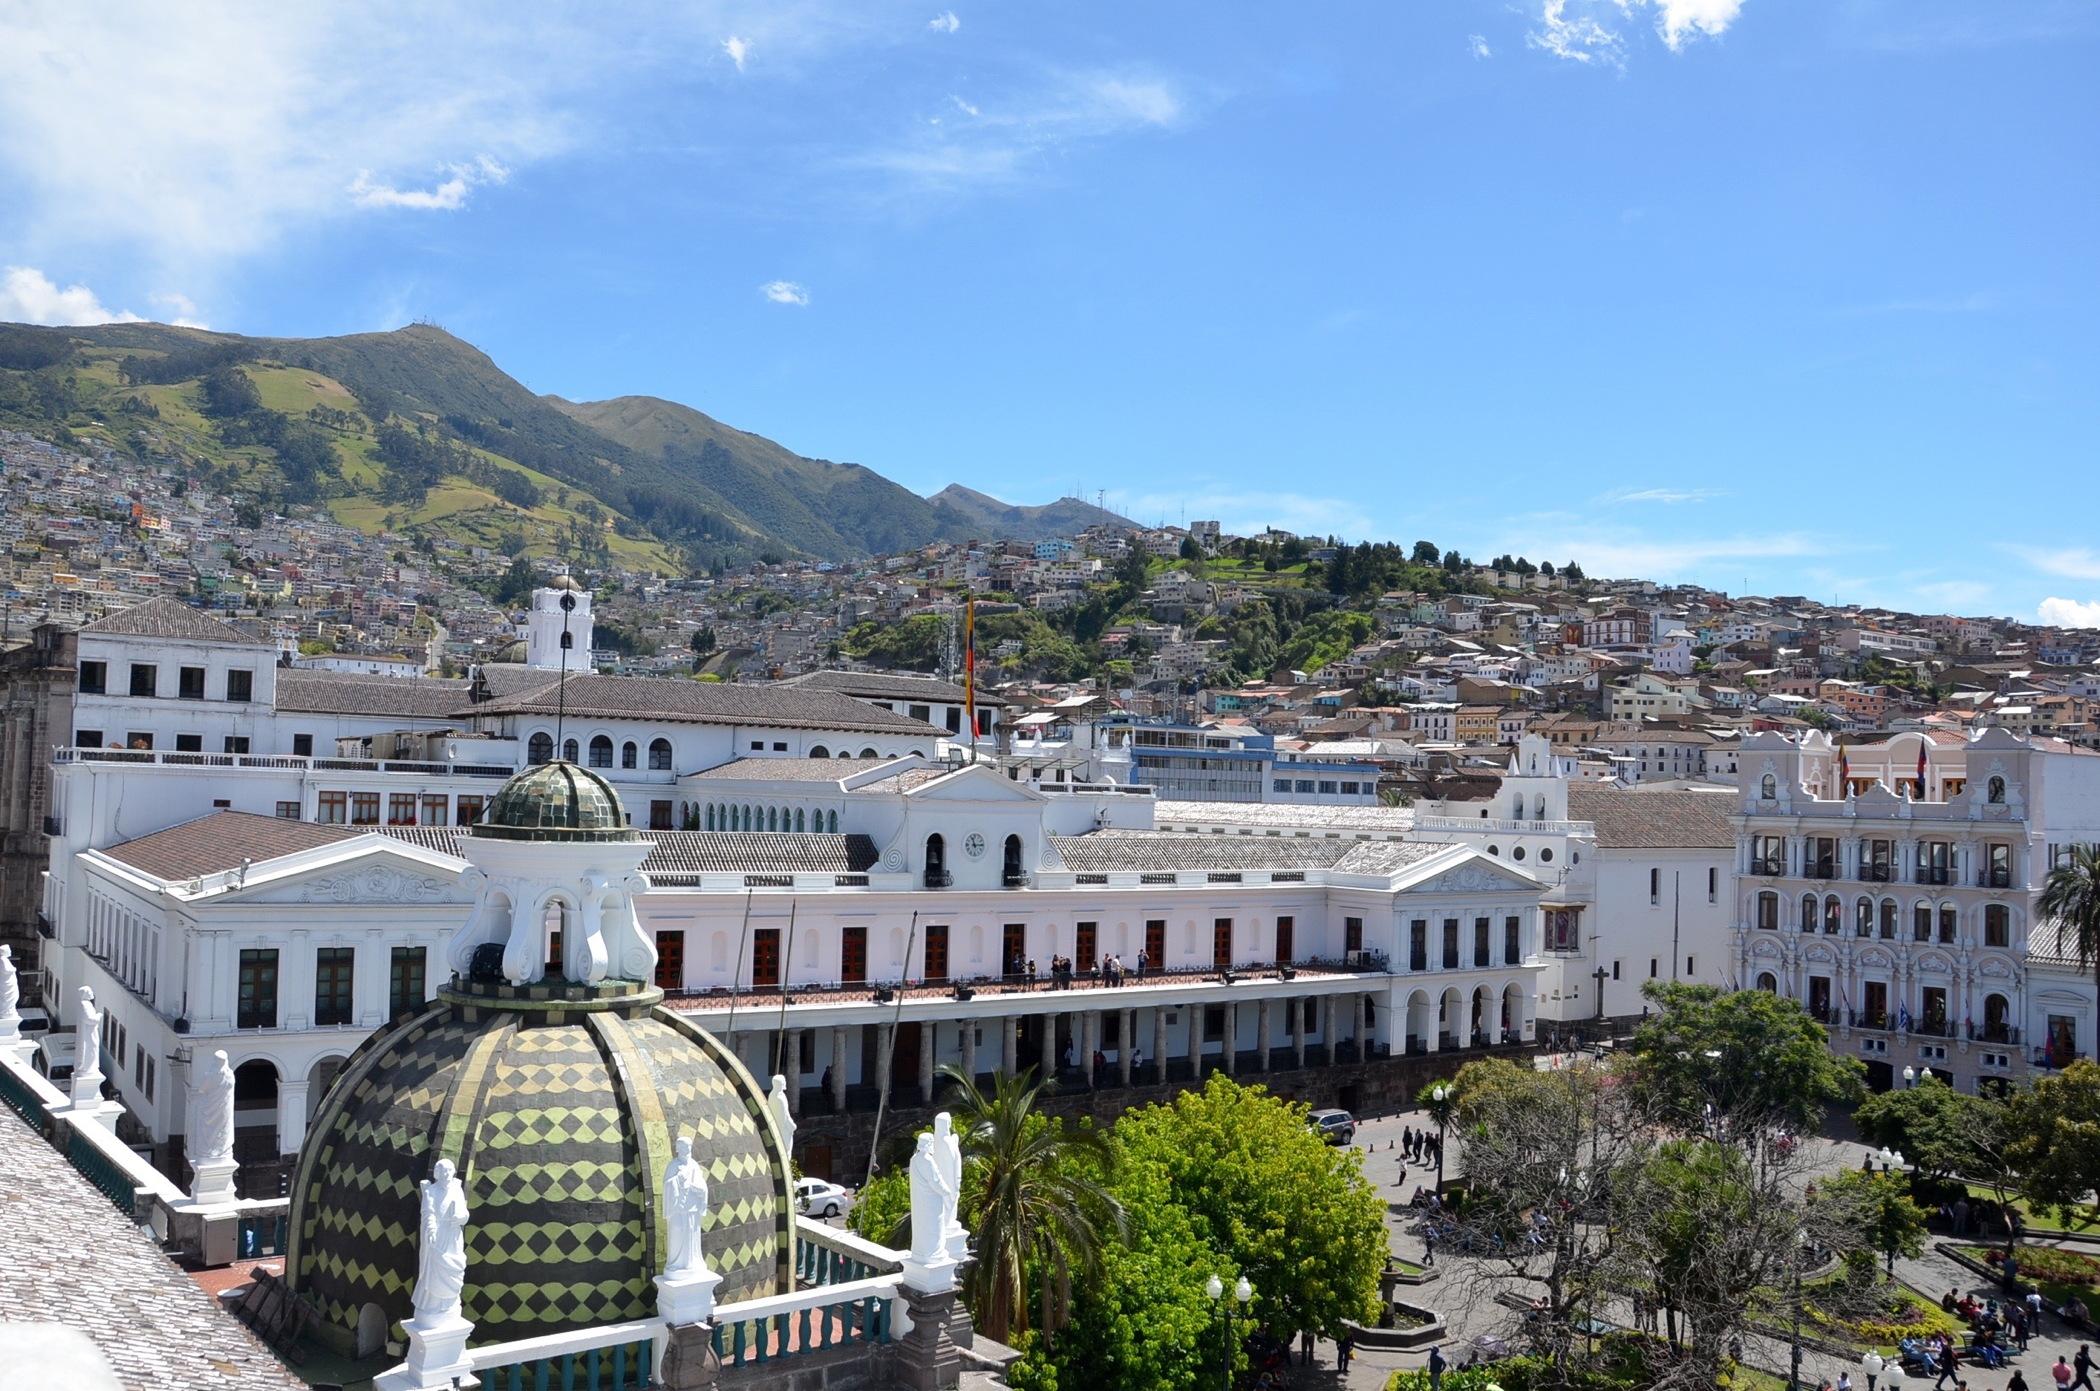 Plaza Grande in Centro Historico Old Town Quito